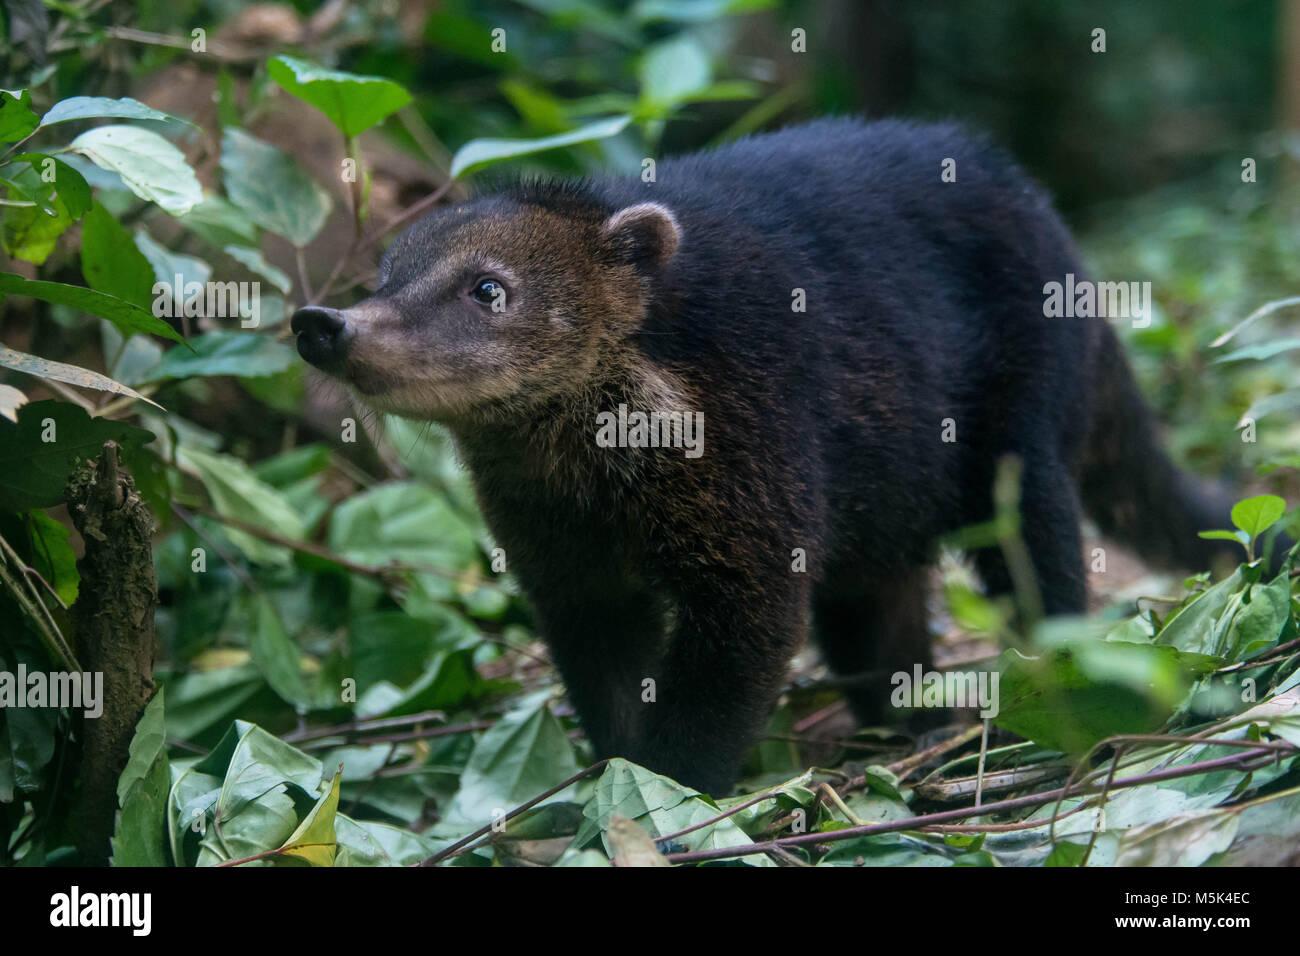 A coati from the Ecuadorian jungle. - Stock Image